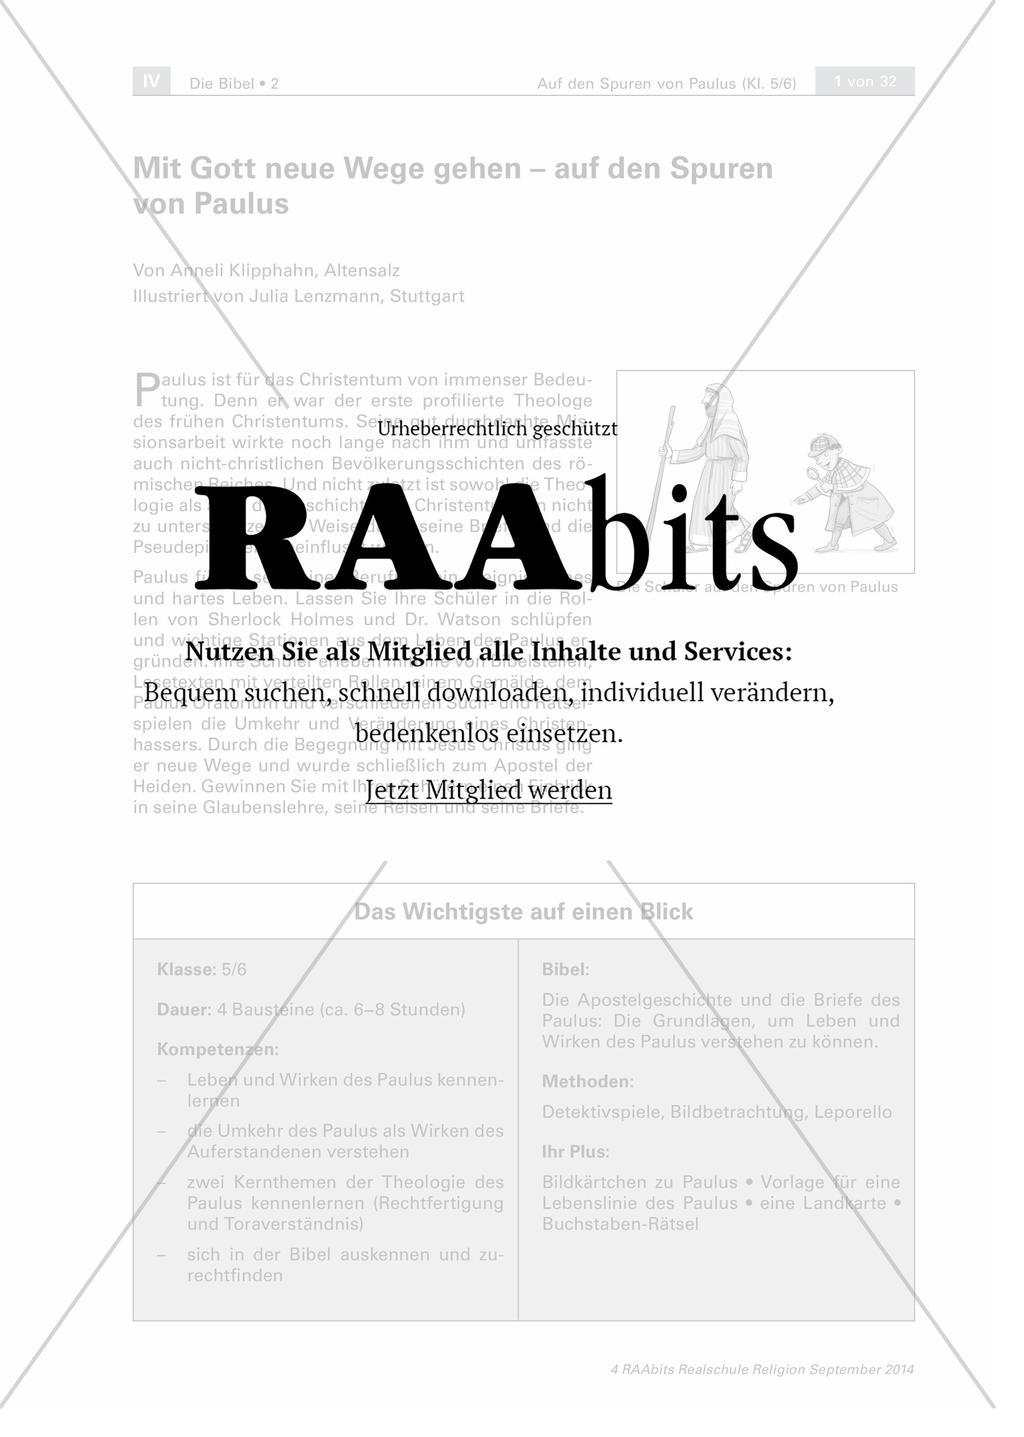 Mit Gott neue Wege gehen – auf den Spuren von Paulus – RAAbits Religion